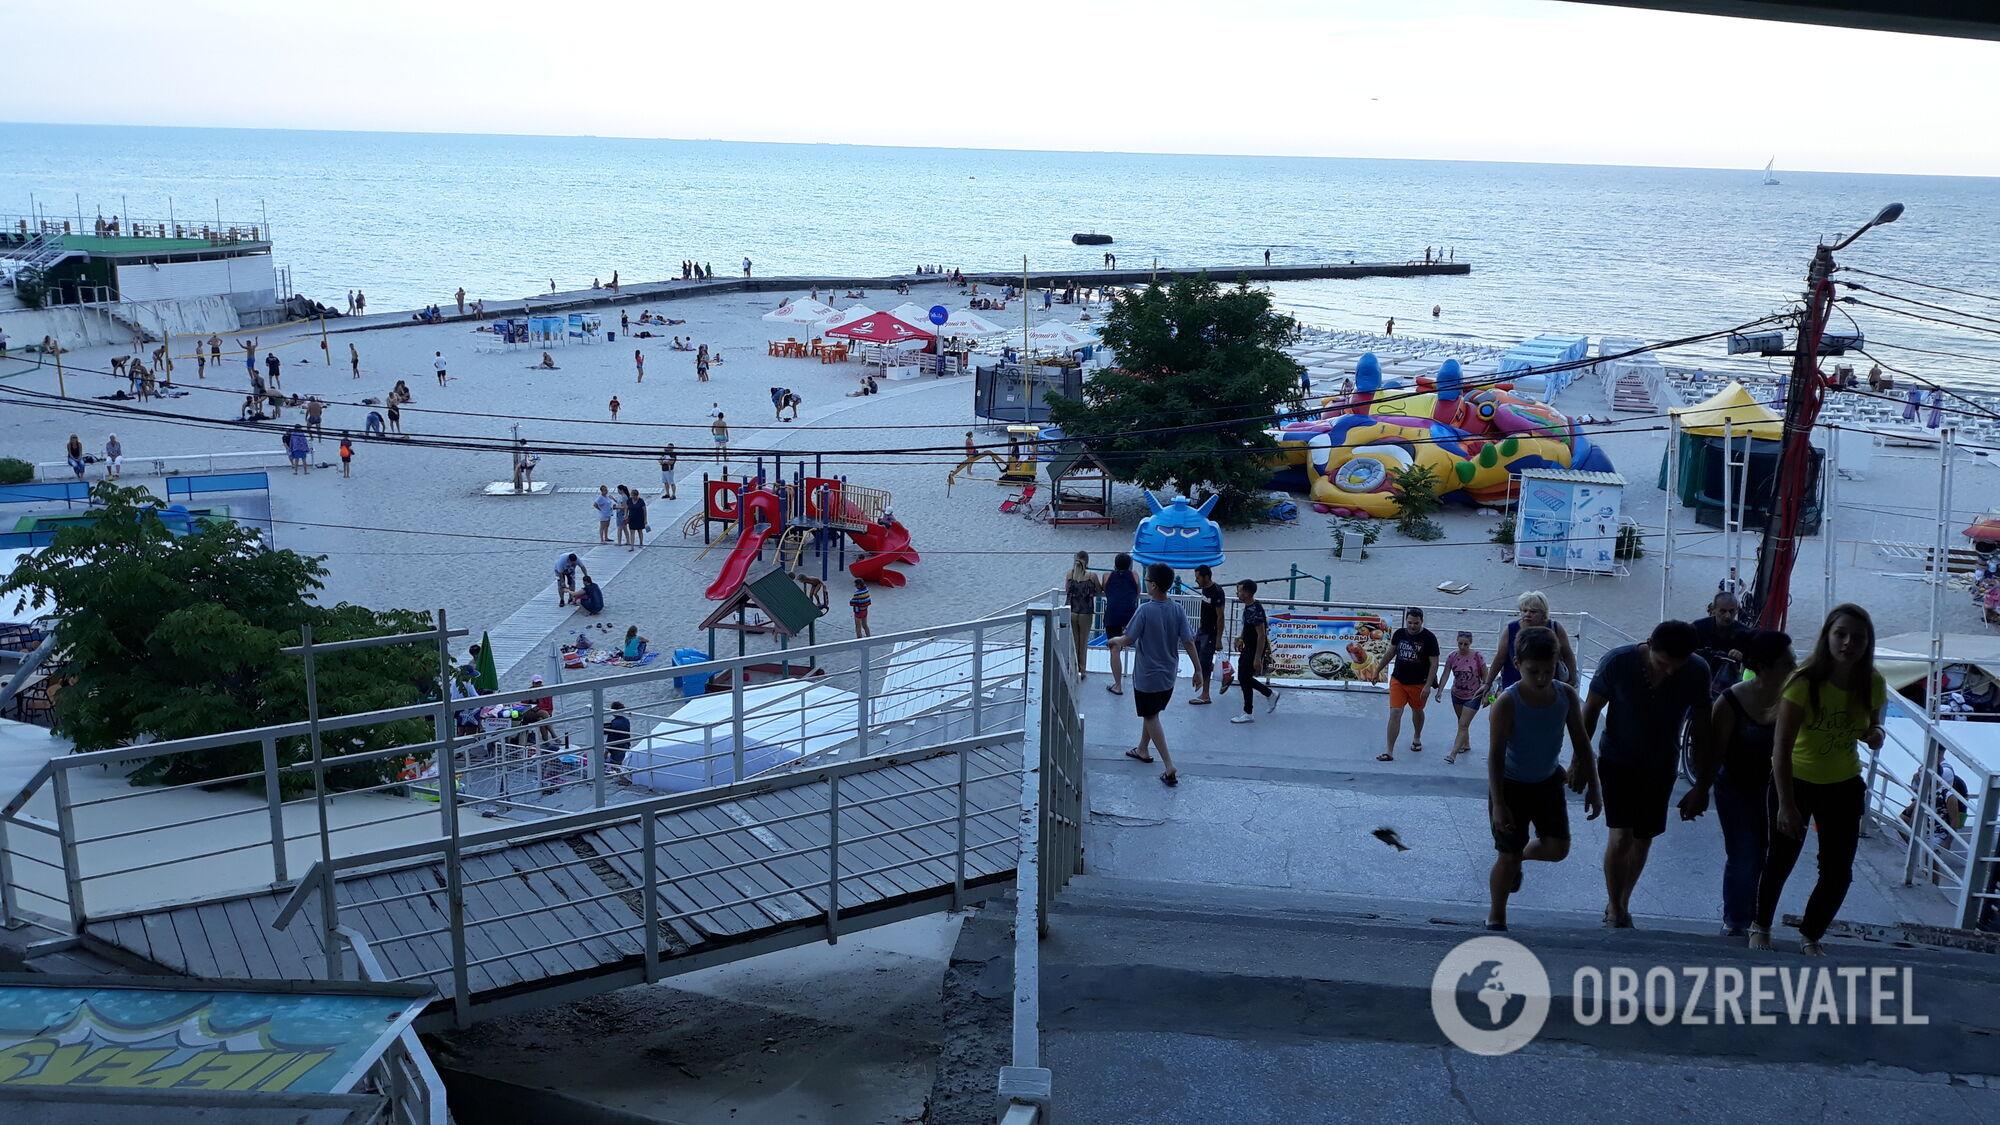 Найпопулярнішим курортом Чорного моря в Україні є Одеса